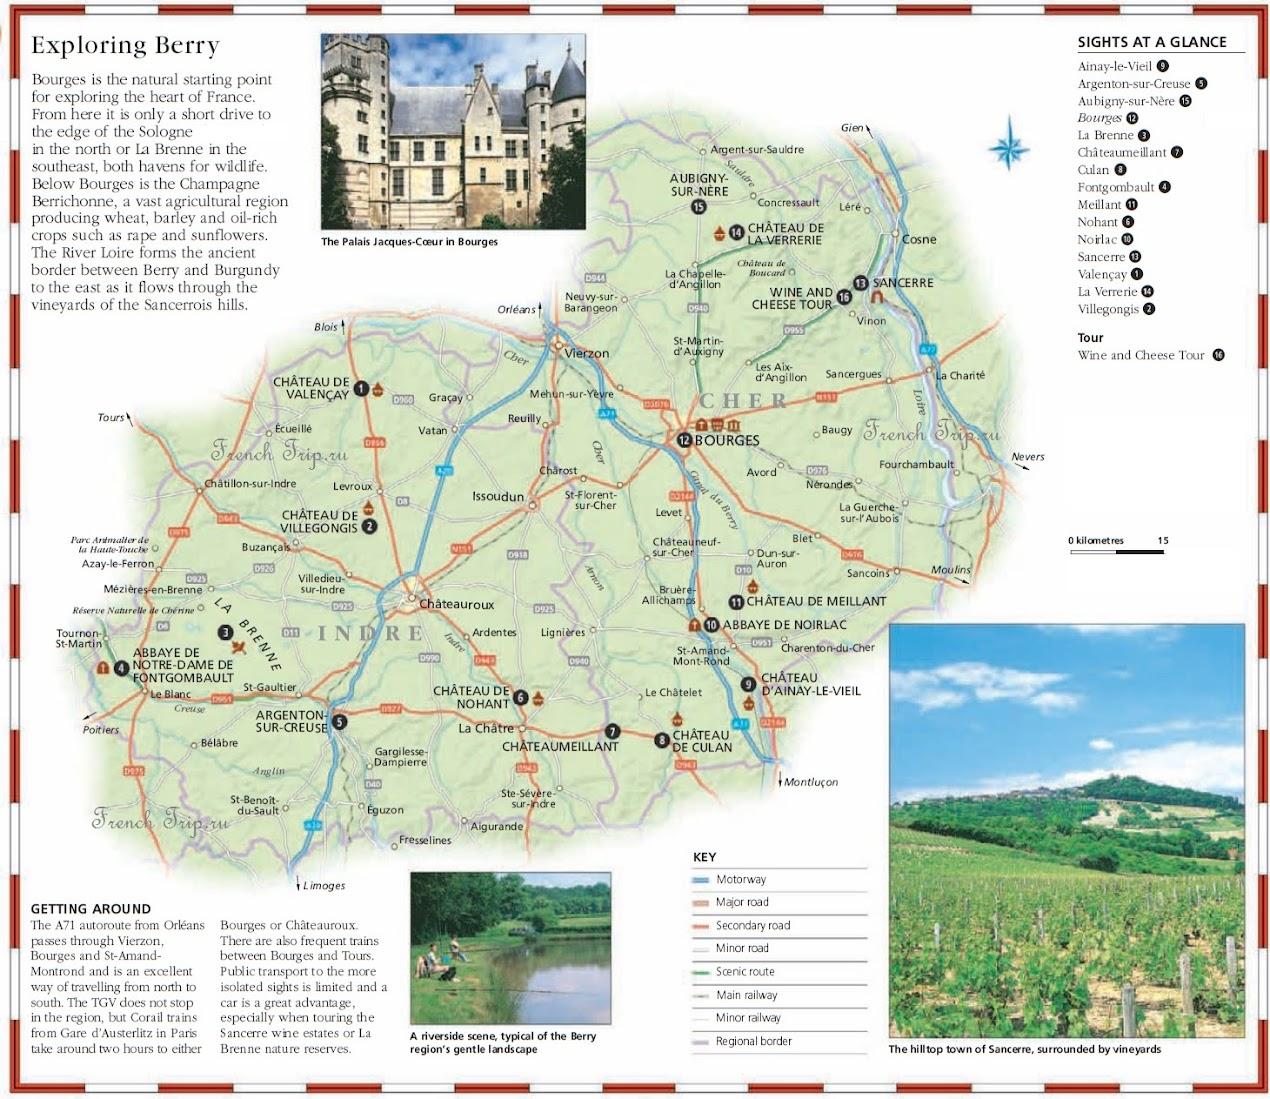 Достопримечательности региона Берри Bourges (Бурж), Франция